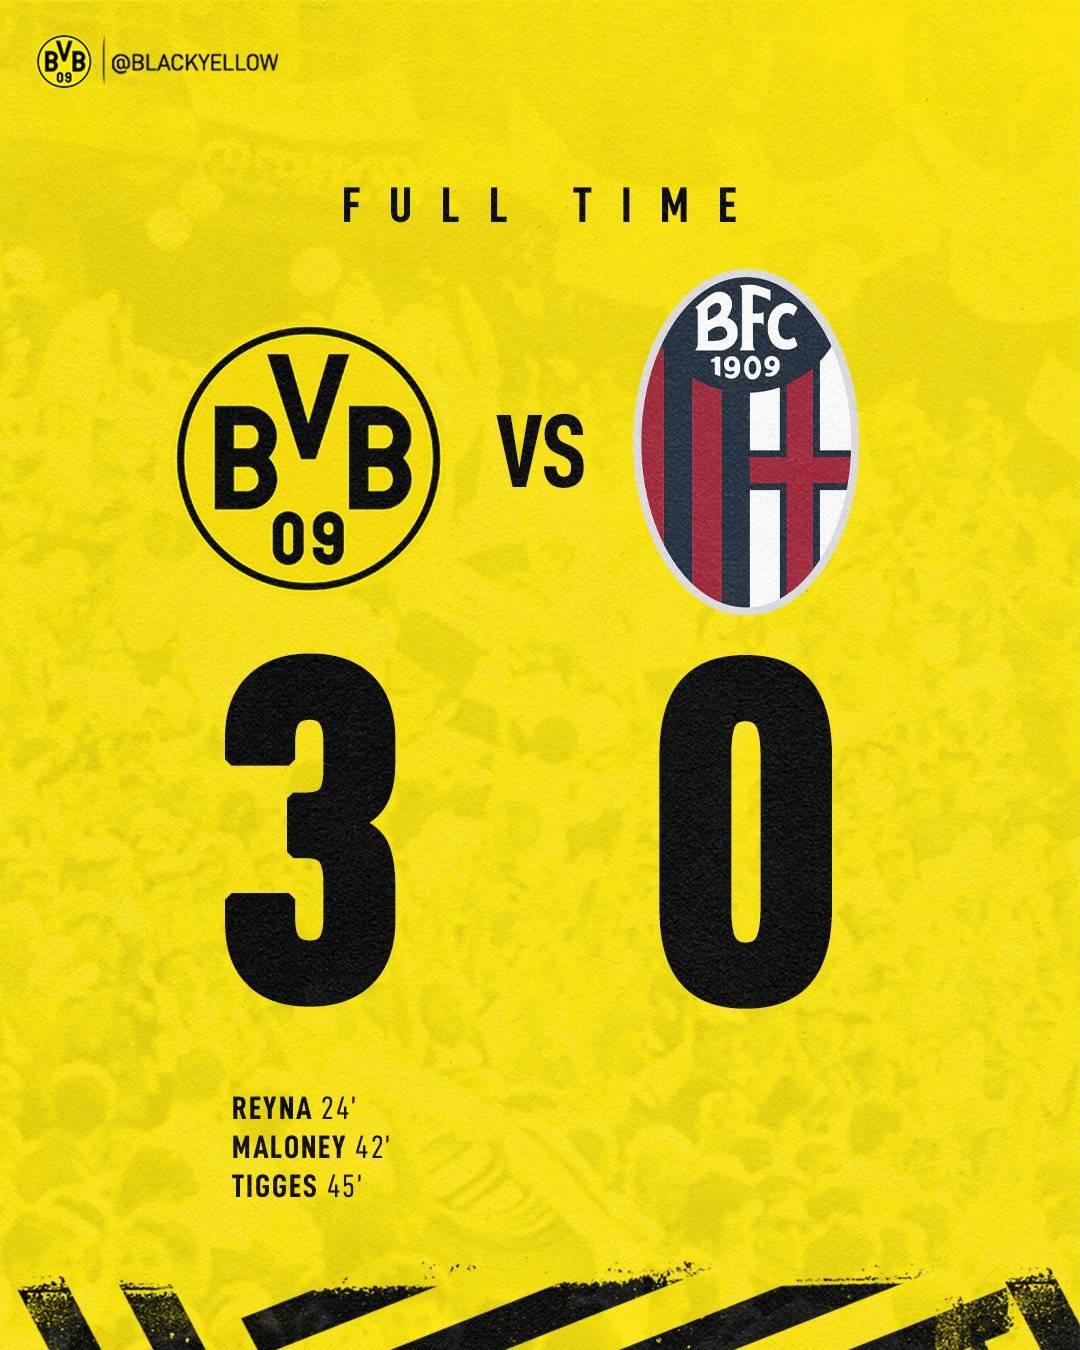 疯狂3-0!欧冠前霸主30分钟杀死比赛,1亿巨星却哑火,2场0球_旺百家注册